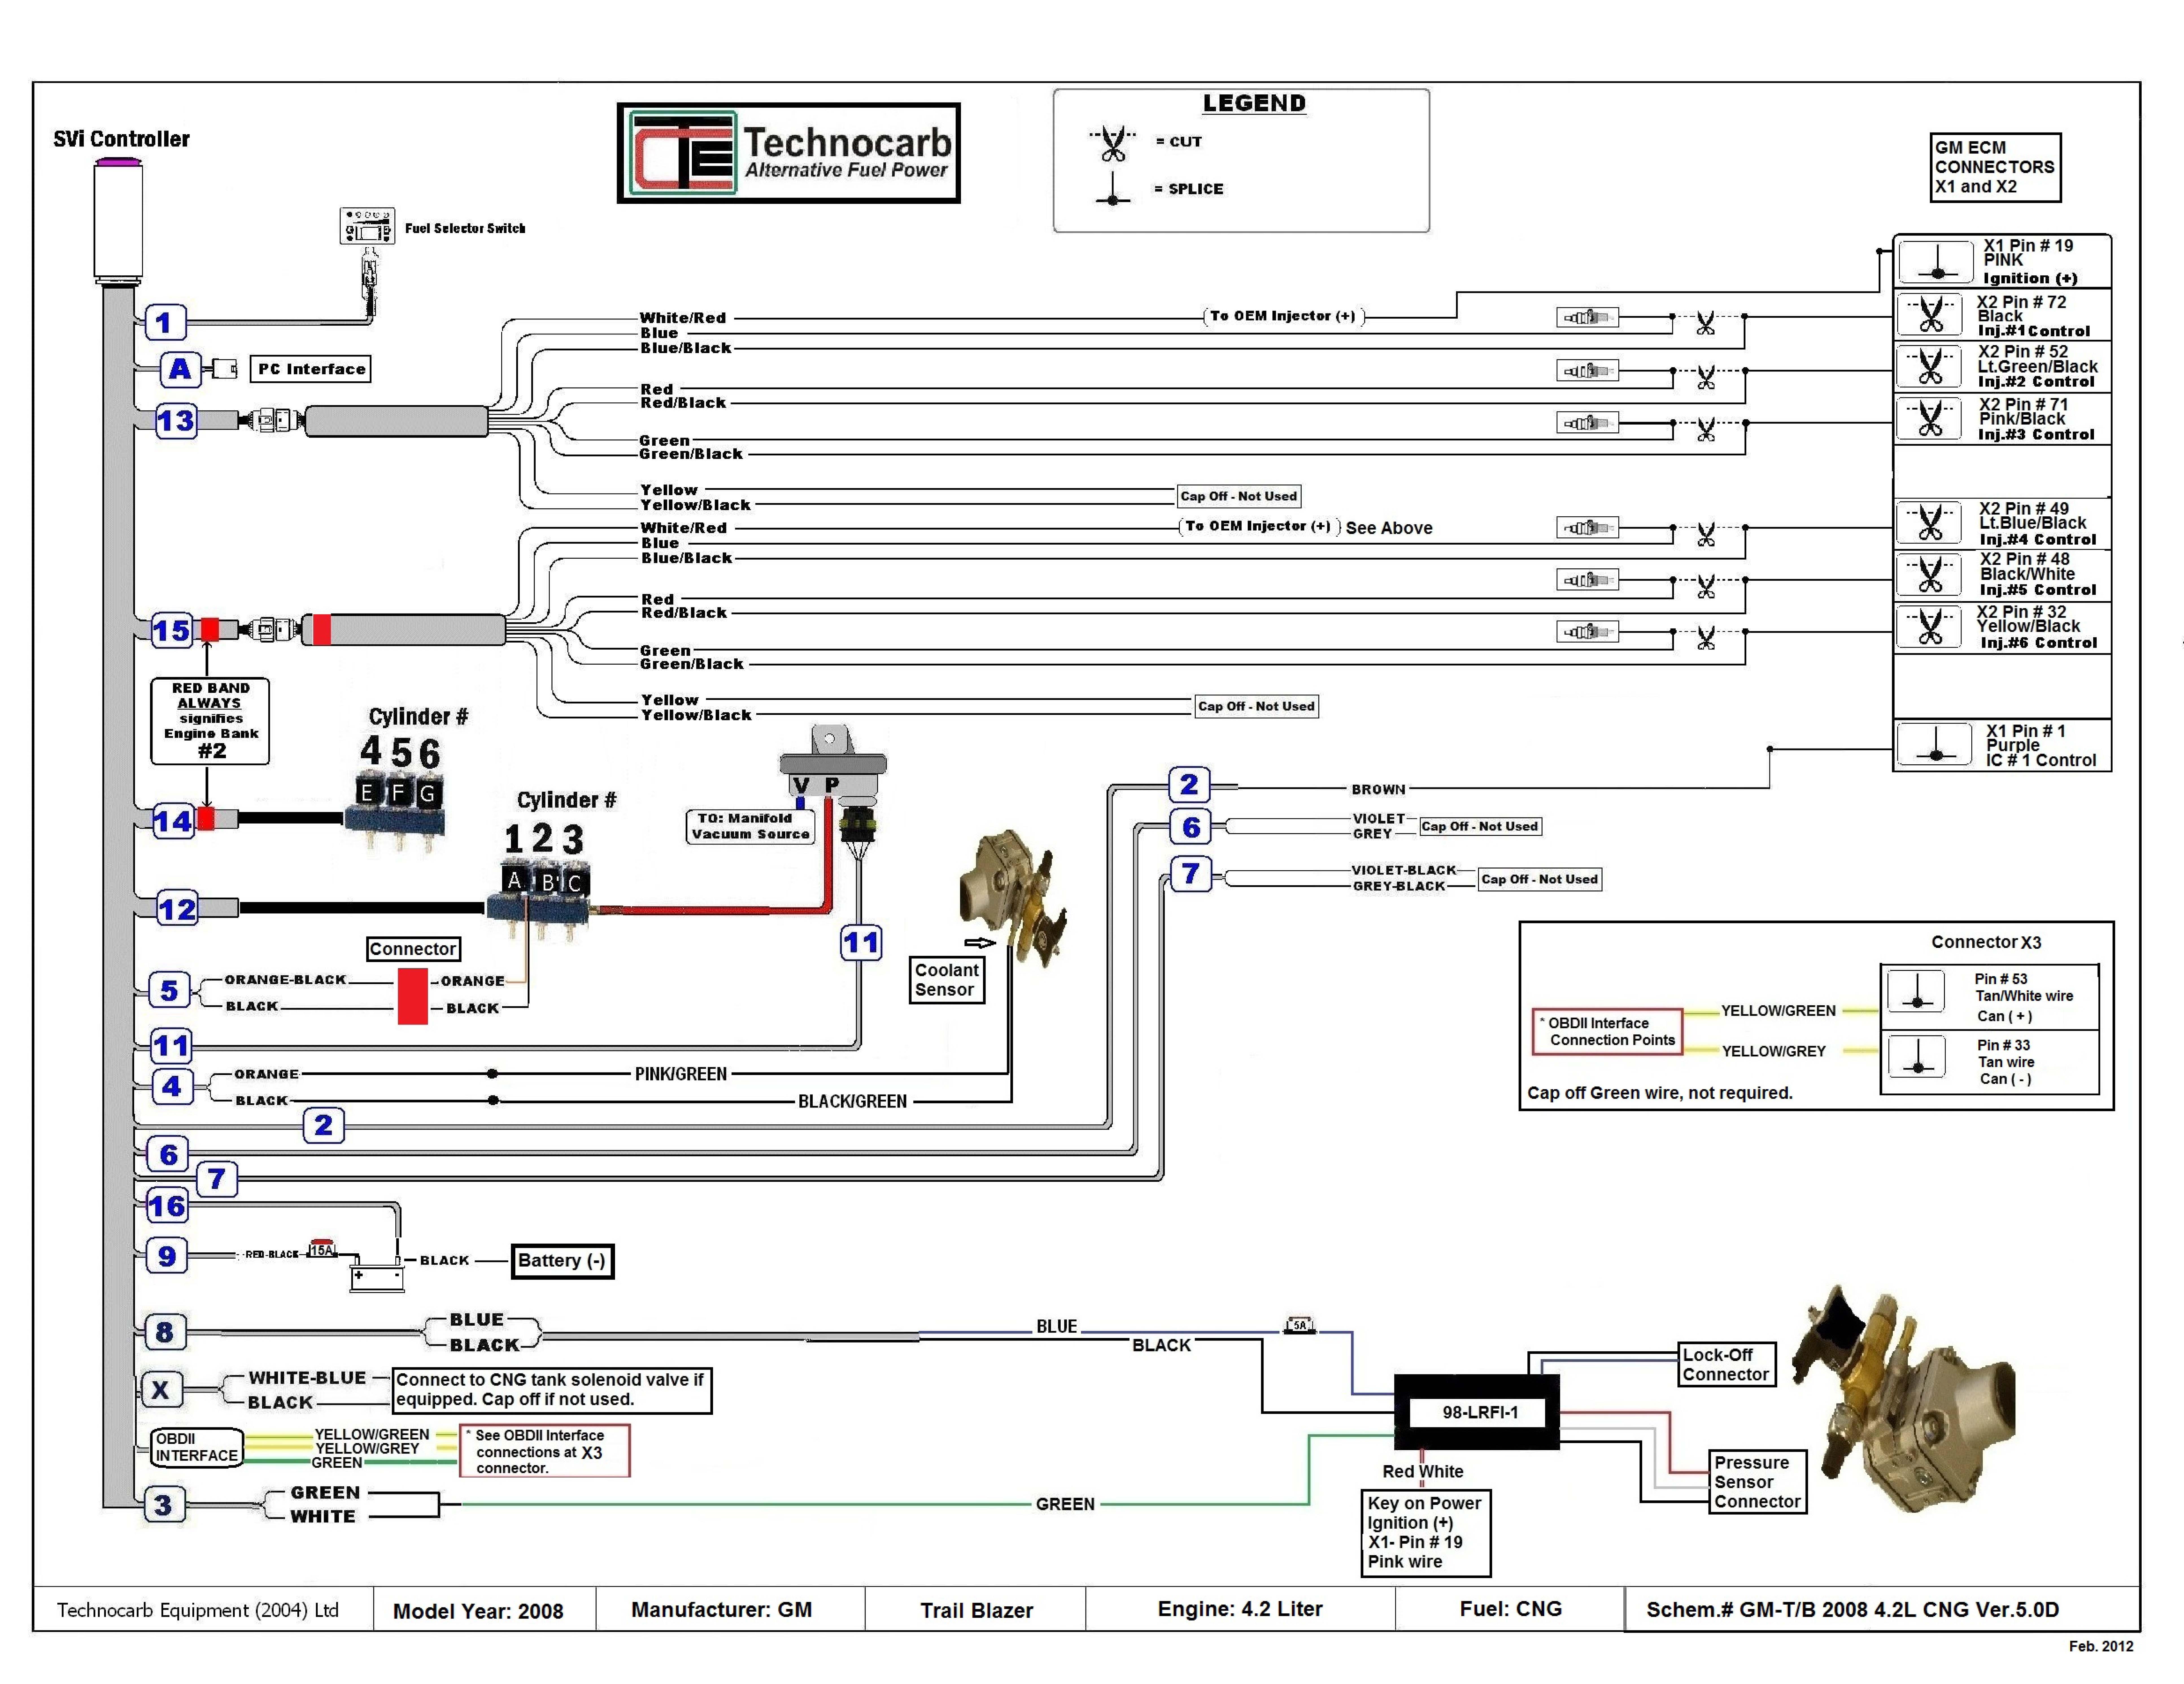 Outstanding 2003 Trailblazer Ac Wiring Diagram Diagram Data Schema Wiring Cloud Uslyletkolfr09Org